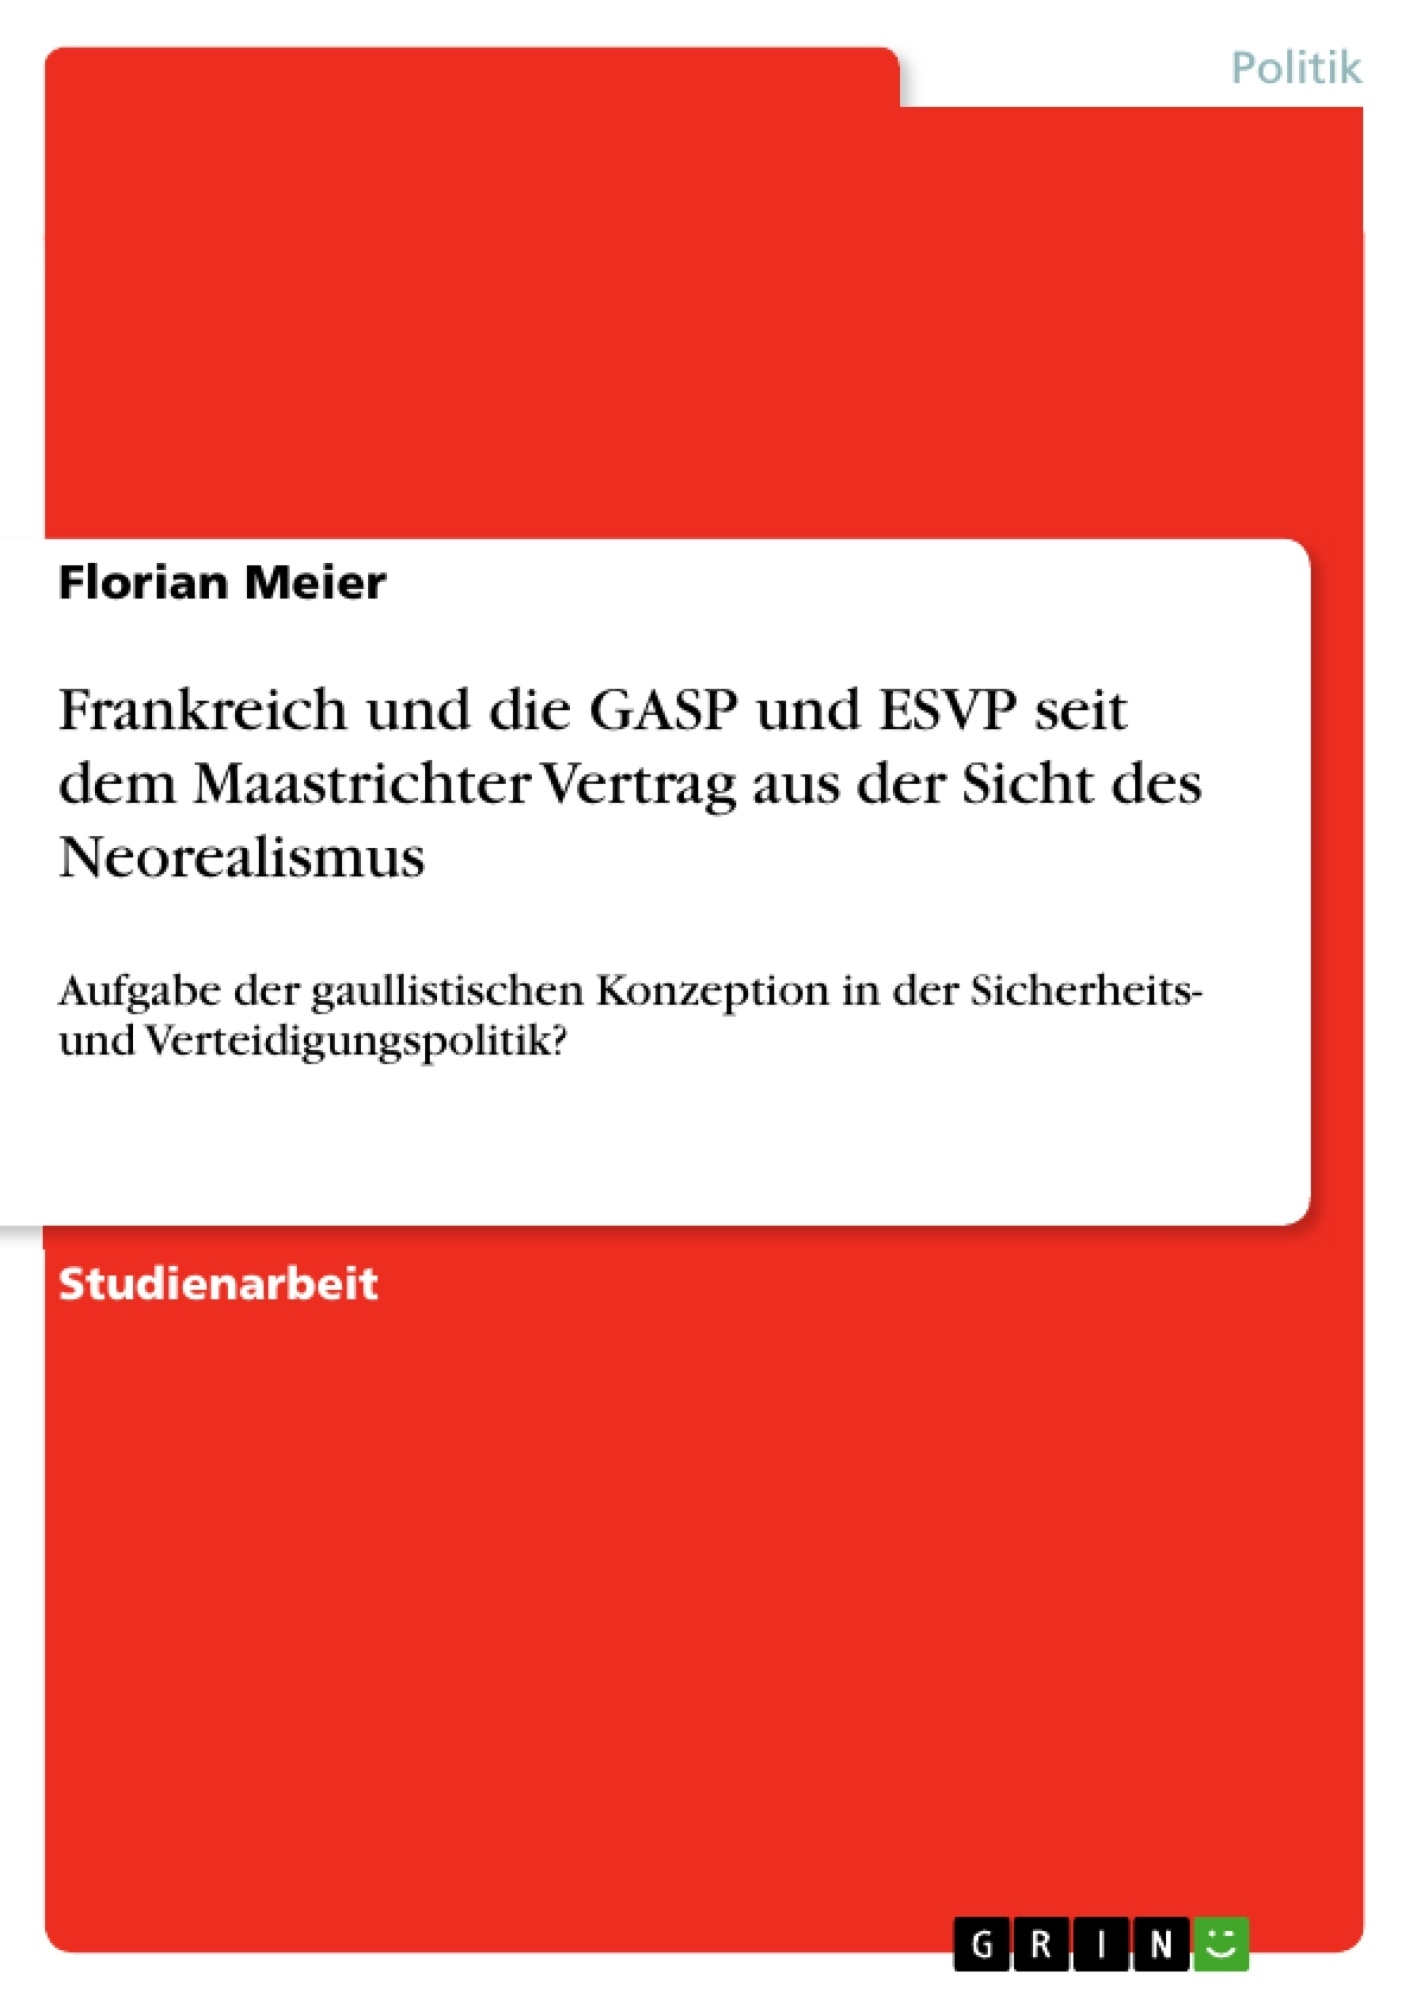 Titel: Frankreich und die GASP und ESVP  seit dem Maastrichter Vertrag aus  der Sicht des Neorealismus